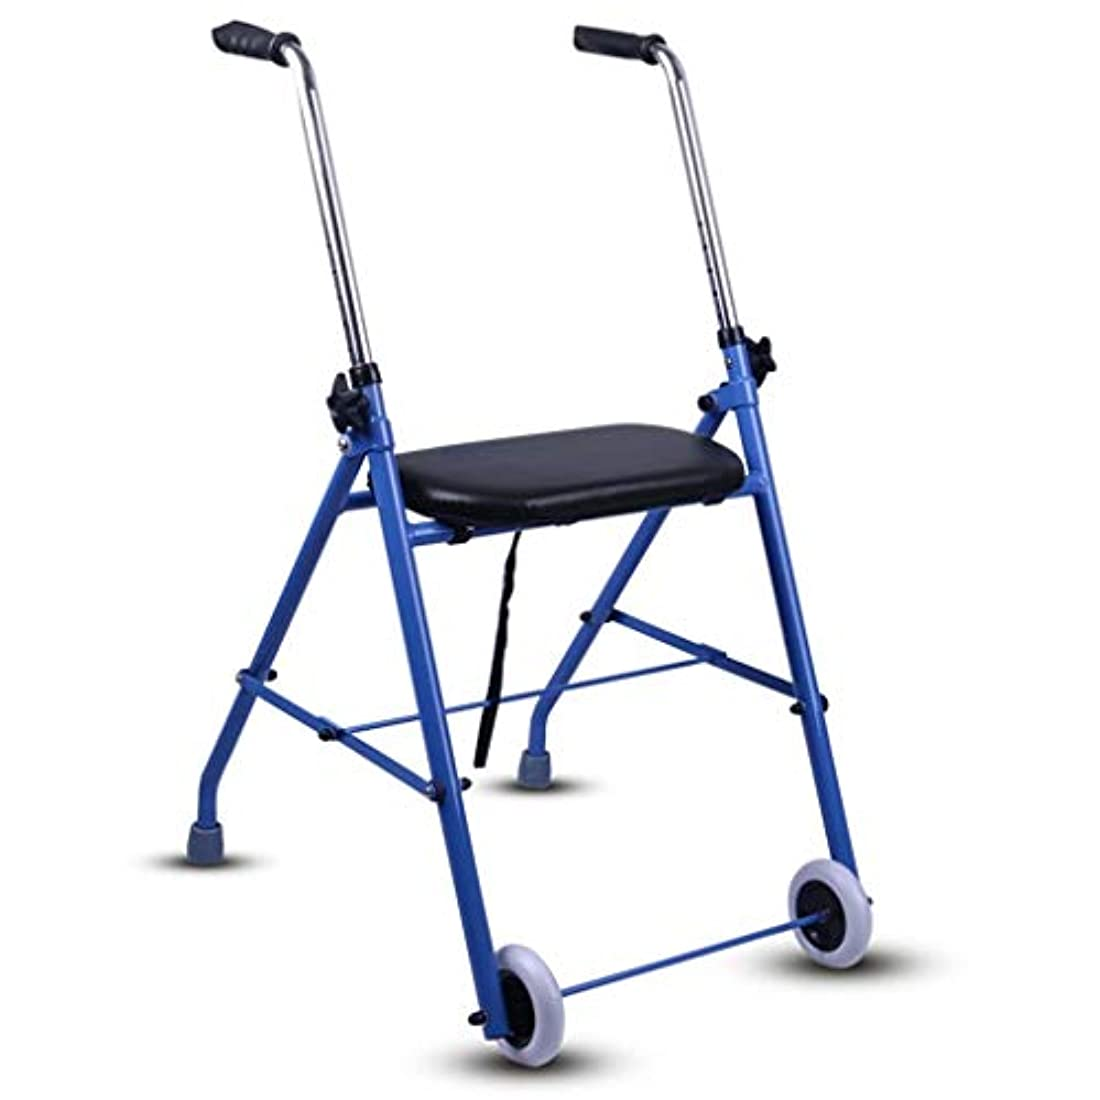 に変わる悔い改めるミットパッド入りシート、高さ調節可能ハンドル、背部サポート付き高齢者向け折りたたみ補助歩行器付き軽量アルミ製歩行器